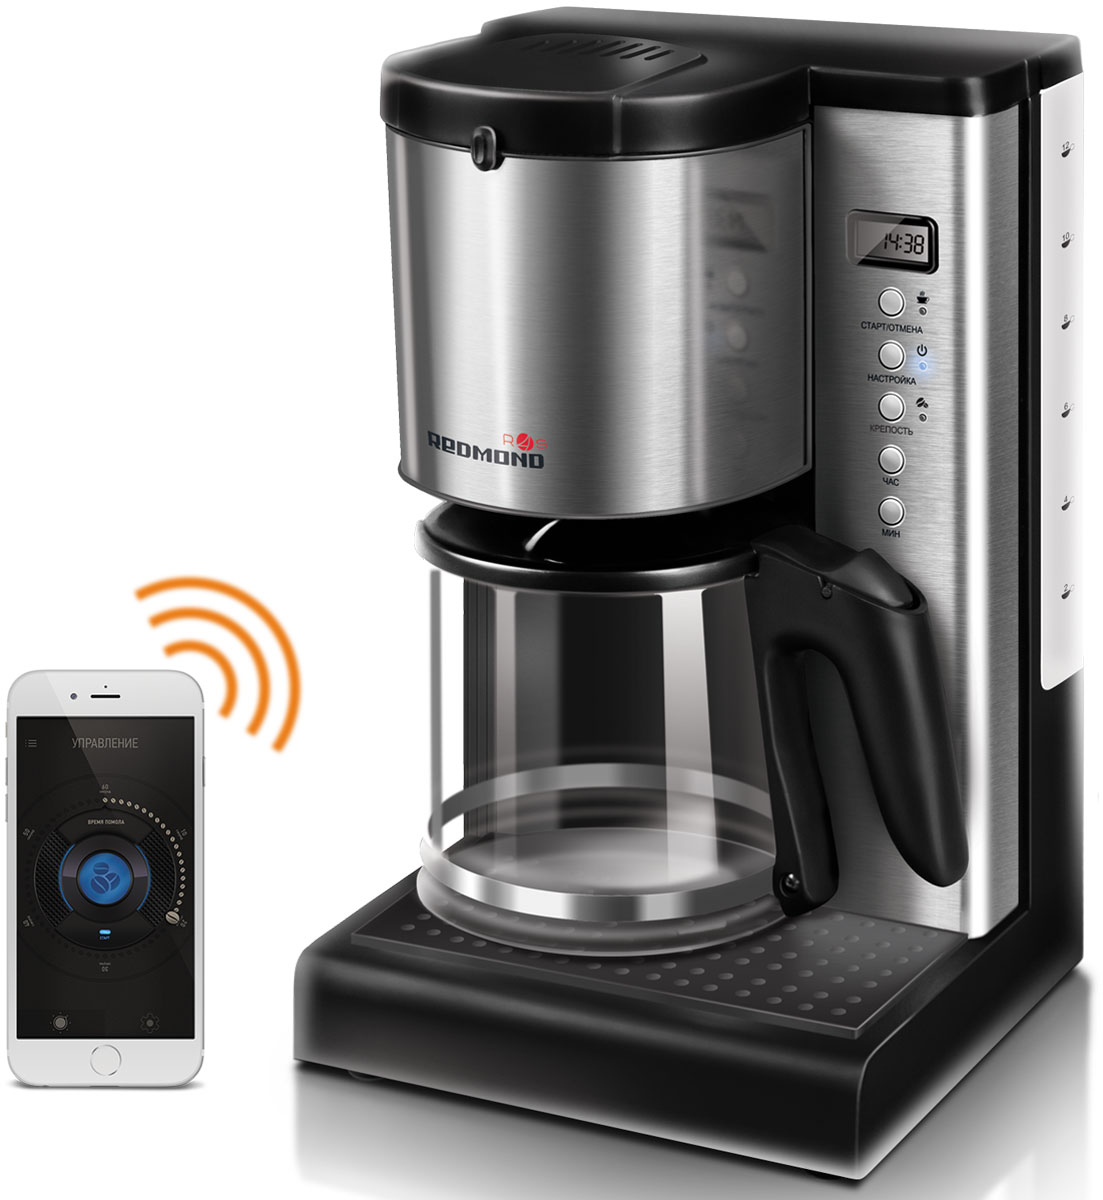 Redmond SkyCoffee RCM-M1509S умная кофеваркаRCM-M1509SКофеварка Redmond M1509S – это современная кофемашина для дома и офиса, ее объемного кувшина для воды (1,5 л) хватит на 12-15 чашек эспрессо одновременно. Если вы хотите выпить чашечку горячего кофе, как только придете на работу или домой, начните его приготовление по пути!Умная кофемашина управляется как через бесплатное мобильное приложение Ready for Sky Home на вашем смартфоне, так и с панели прибора. С любого расстояния легко включить прибор, запустить приготовление кофе, выбрать крепость напитка, задать таймер включения (до 24 часов), а также заблокировать ручное включение M1509S, что особенно актуально для семей с маленькими детьми.Smart кофеварка отличается стильным дизайном и компактными размерами. Корпус прибора изготовлен из высококачественного пластика с элементами из нержавеющей стали, а кувшин для готового напитка – из термостойкого стекла.В смарт кофеварке предусмотрена удобная система Антикапля. Кофе не прольется на поддон, даже если вы снимете кувшин кофеварки до того, как она завершит работу.Система автооключения и защита от перегрева обеспечивают безопасное использование smart кофемашины.